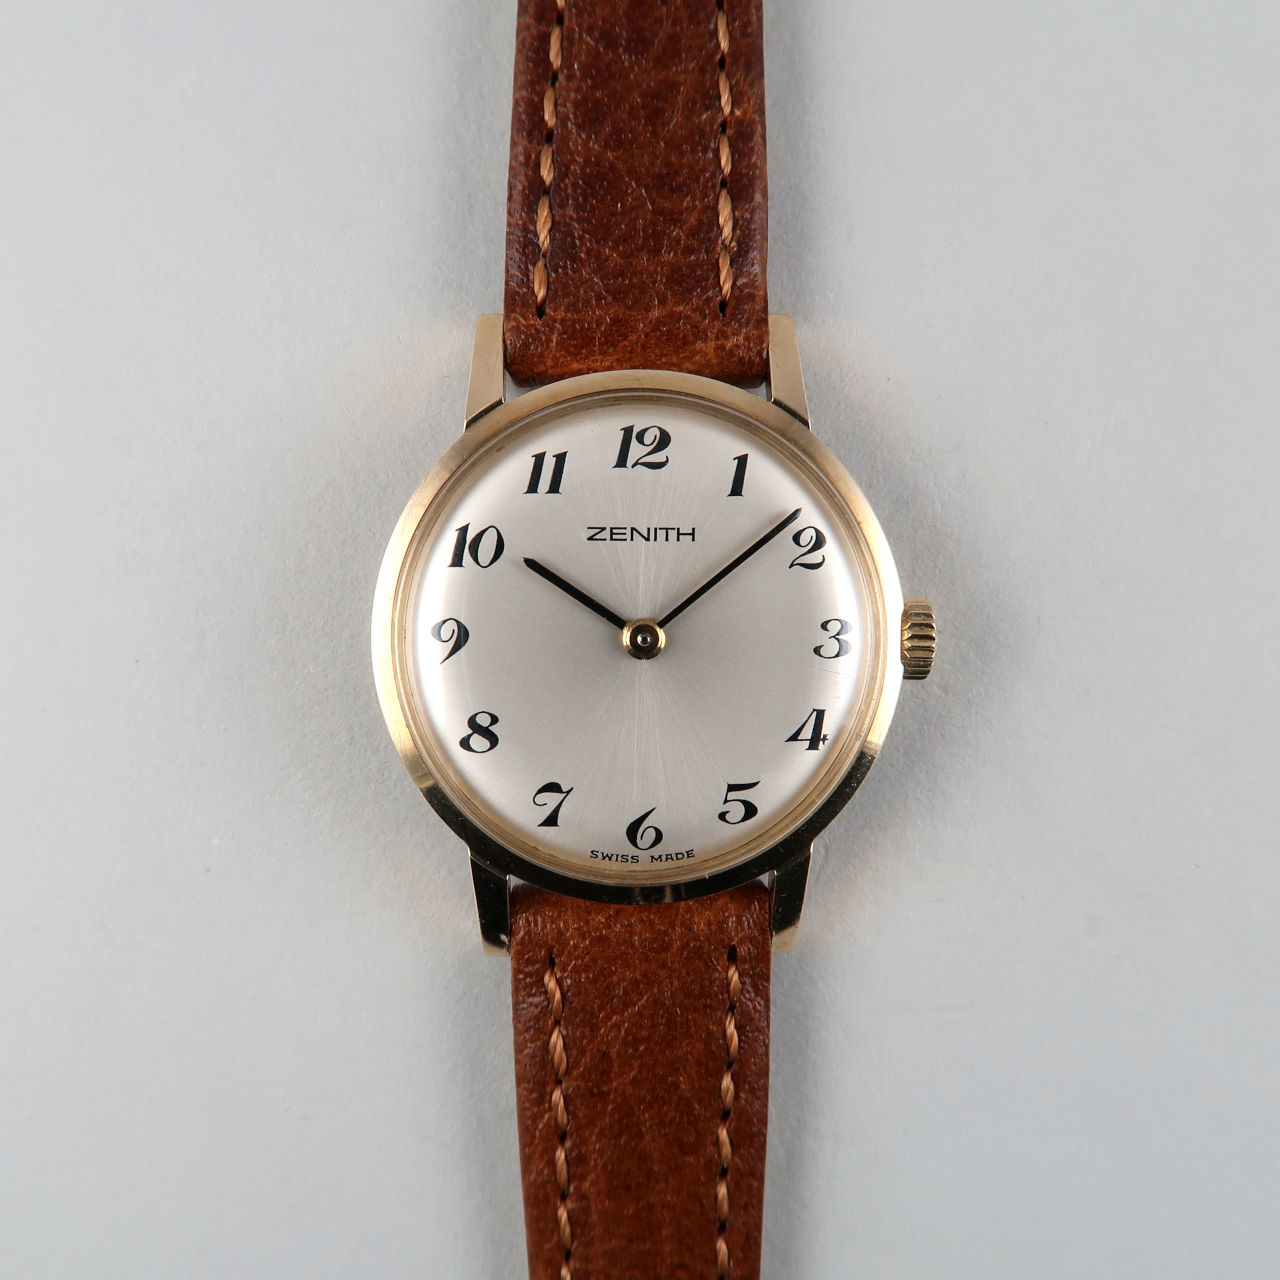 Zenith Cal. 1120 hallmarked 1973 | 9ct gold lady's hand wound vintage wristwatch